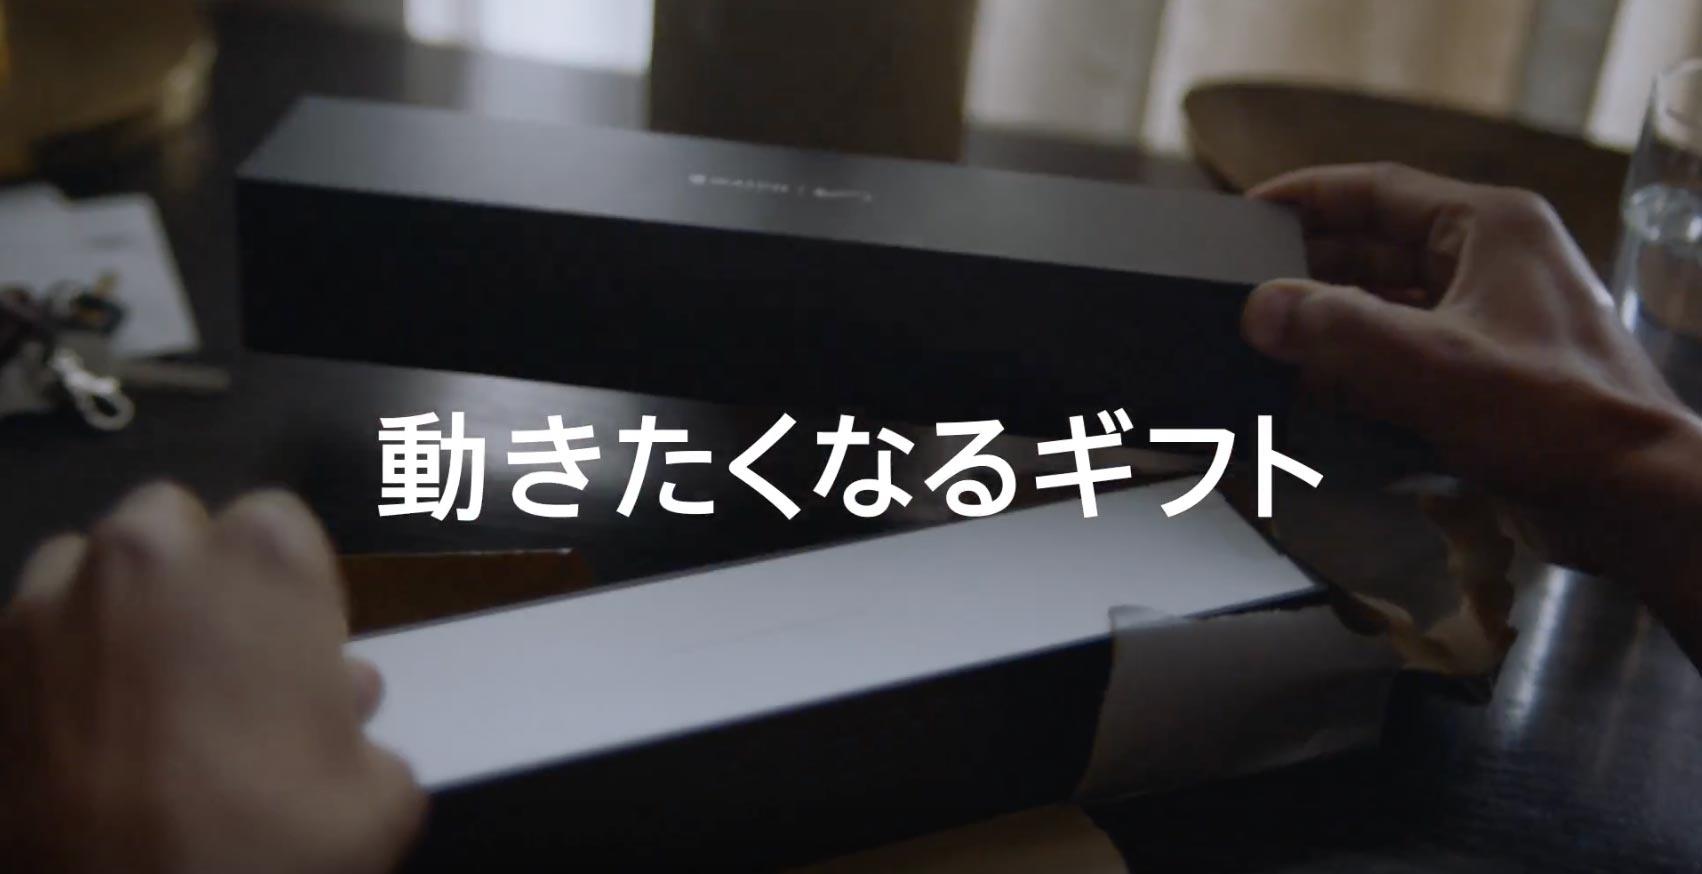 Apple Japanも「Apple Watch Series 2」のホリデーギフト向けCMを2本公開 ー アメリカではさらに2本公開